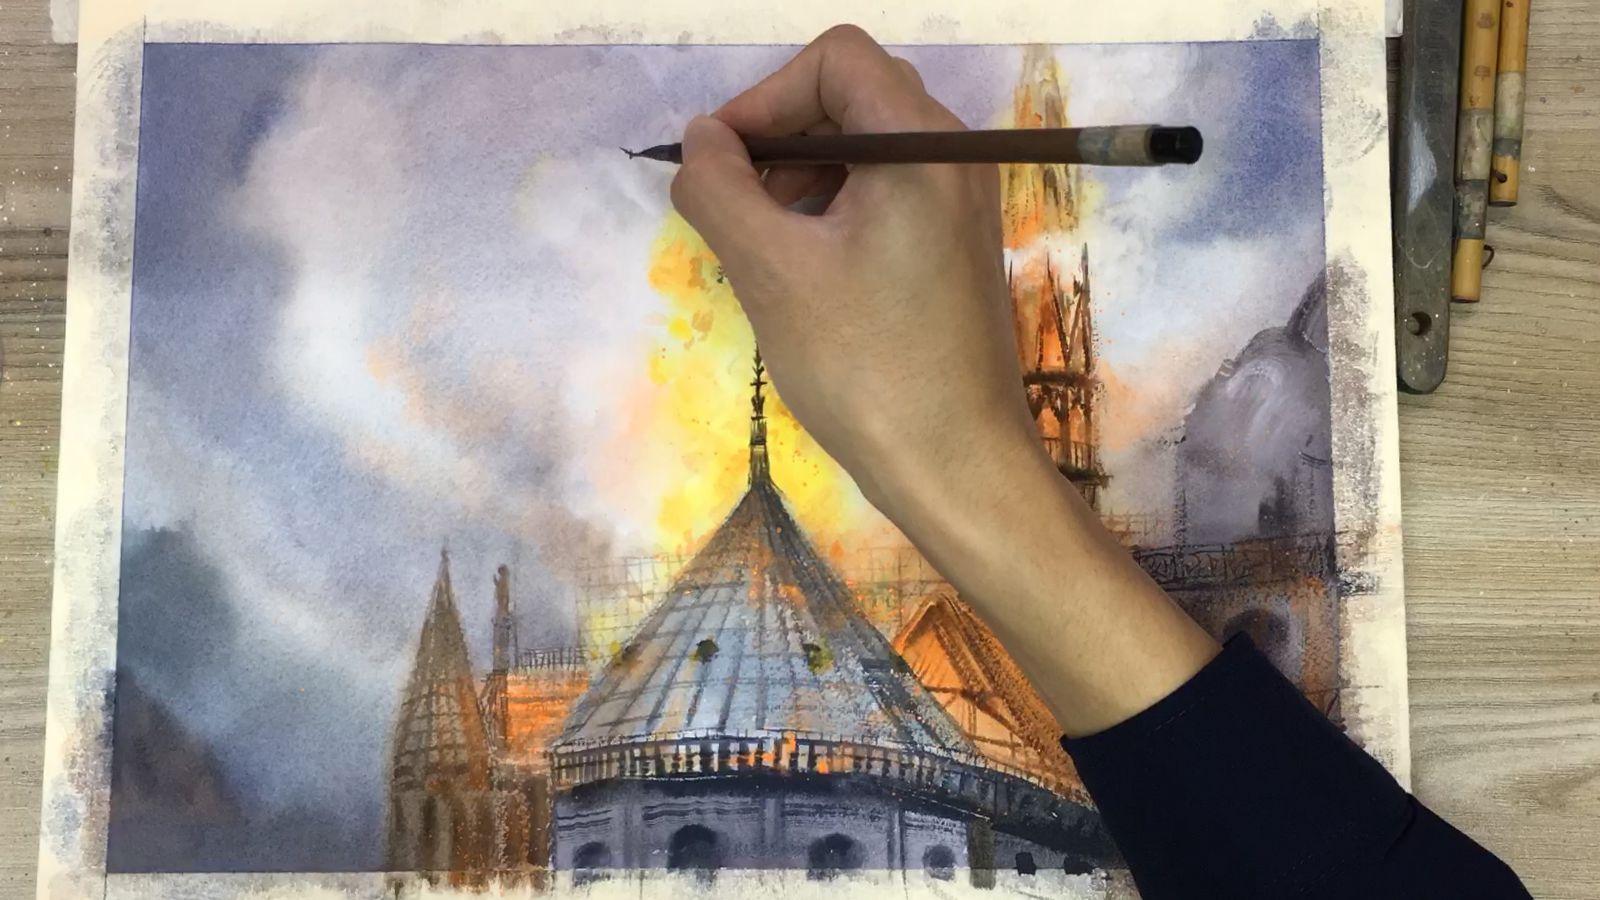 58秒丨巴黎圣母院火后伤痕累累 网友用水彩画留住她的美